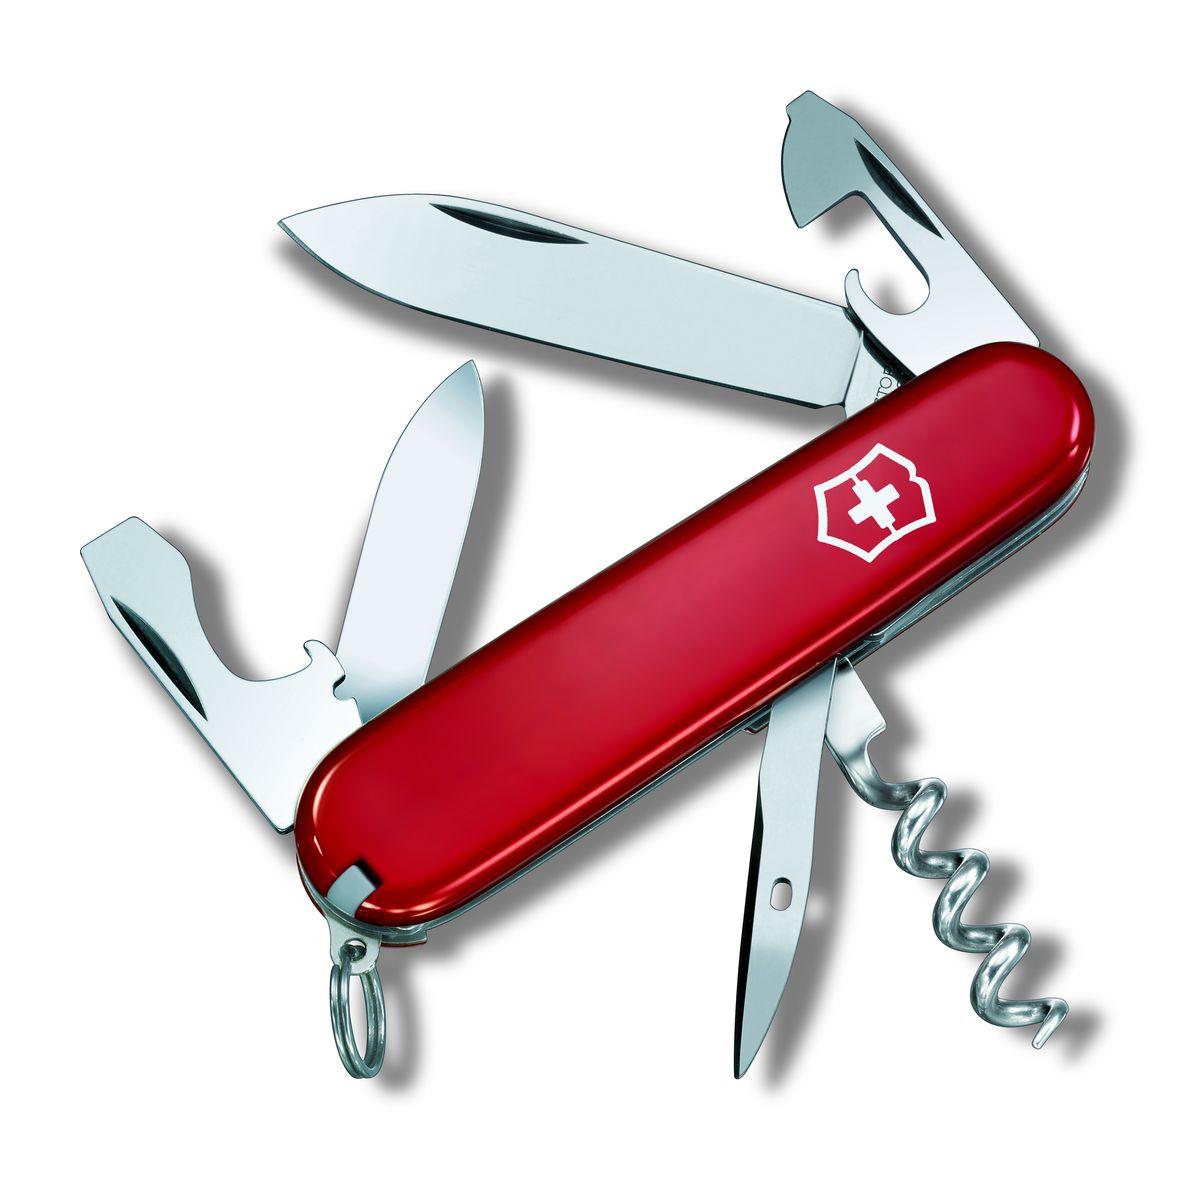 Нож перочинный Victorinox Tourist 0.3603, цвет: красный, длина клинка 63 мм0.3603Маленький красный карманный нож с эмблемой креста на щите на рукояти - самый узнаваемый символ компании Victorinox.В 1897 году основатель компании Карл Эльзенер разработал первый Швейцарский армейский нож. Более 130 лет компания Victorinox разрабатывает продукты,которые не просто уникальны по дизайну и качеству,но и способны стать верными спутниками по жизни как для великих,так и для небольших приключений. Швейцарский армейский нож Victorinox Tourist 0.3603 имеет 12 функций: 1. Большое лезвие2. Малое лезвие3. Шило, Кернер4. Штопор5. Кольцо для ключей6. Пинцет7. Зубочистка8. Открывалка для бутылок с:9. - Отверткой10. Консервный нож с:11. - Отверткой12. - Инструментом для снятия изоляции Цвет: красный